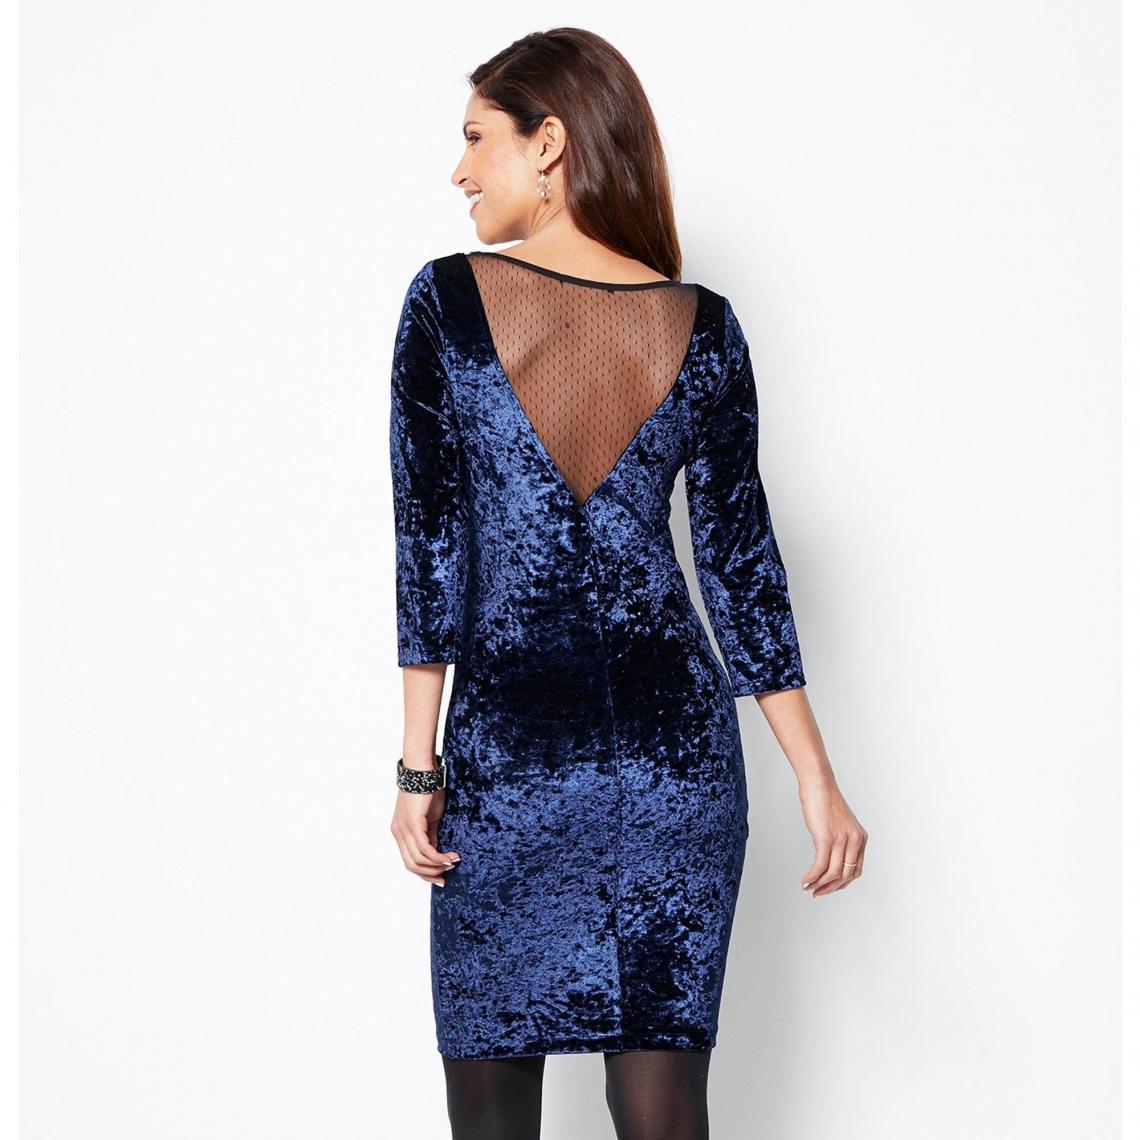 Robe en velours et dentelle manches 3\/4 femme - Bleu wIpXz